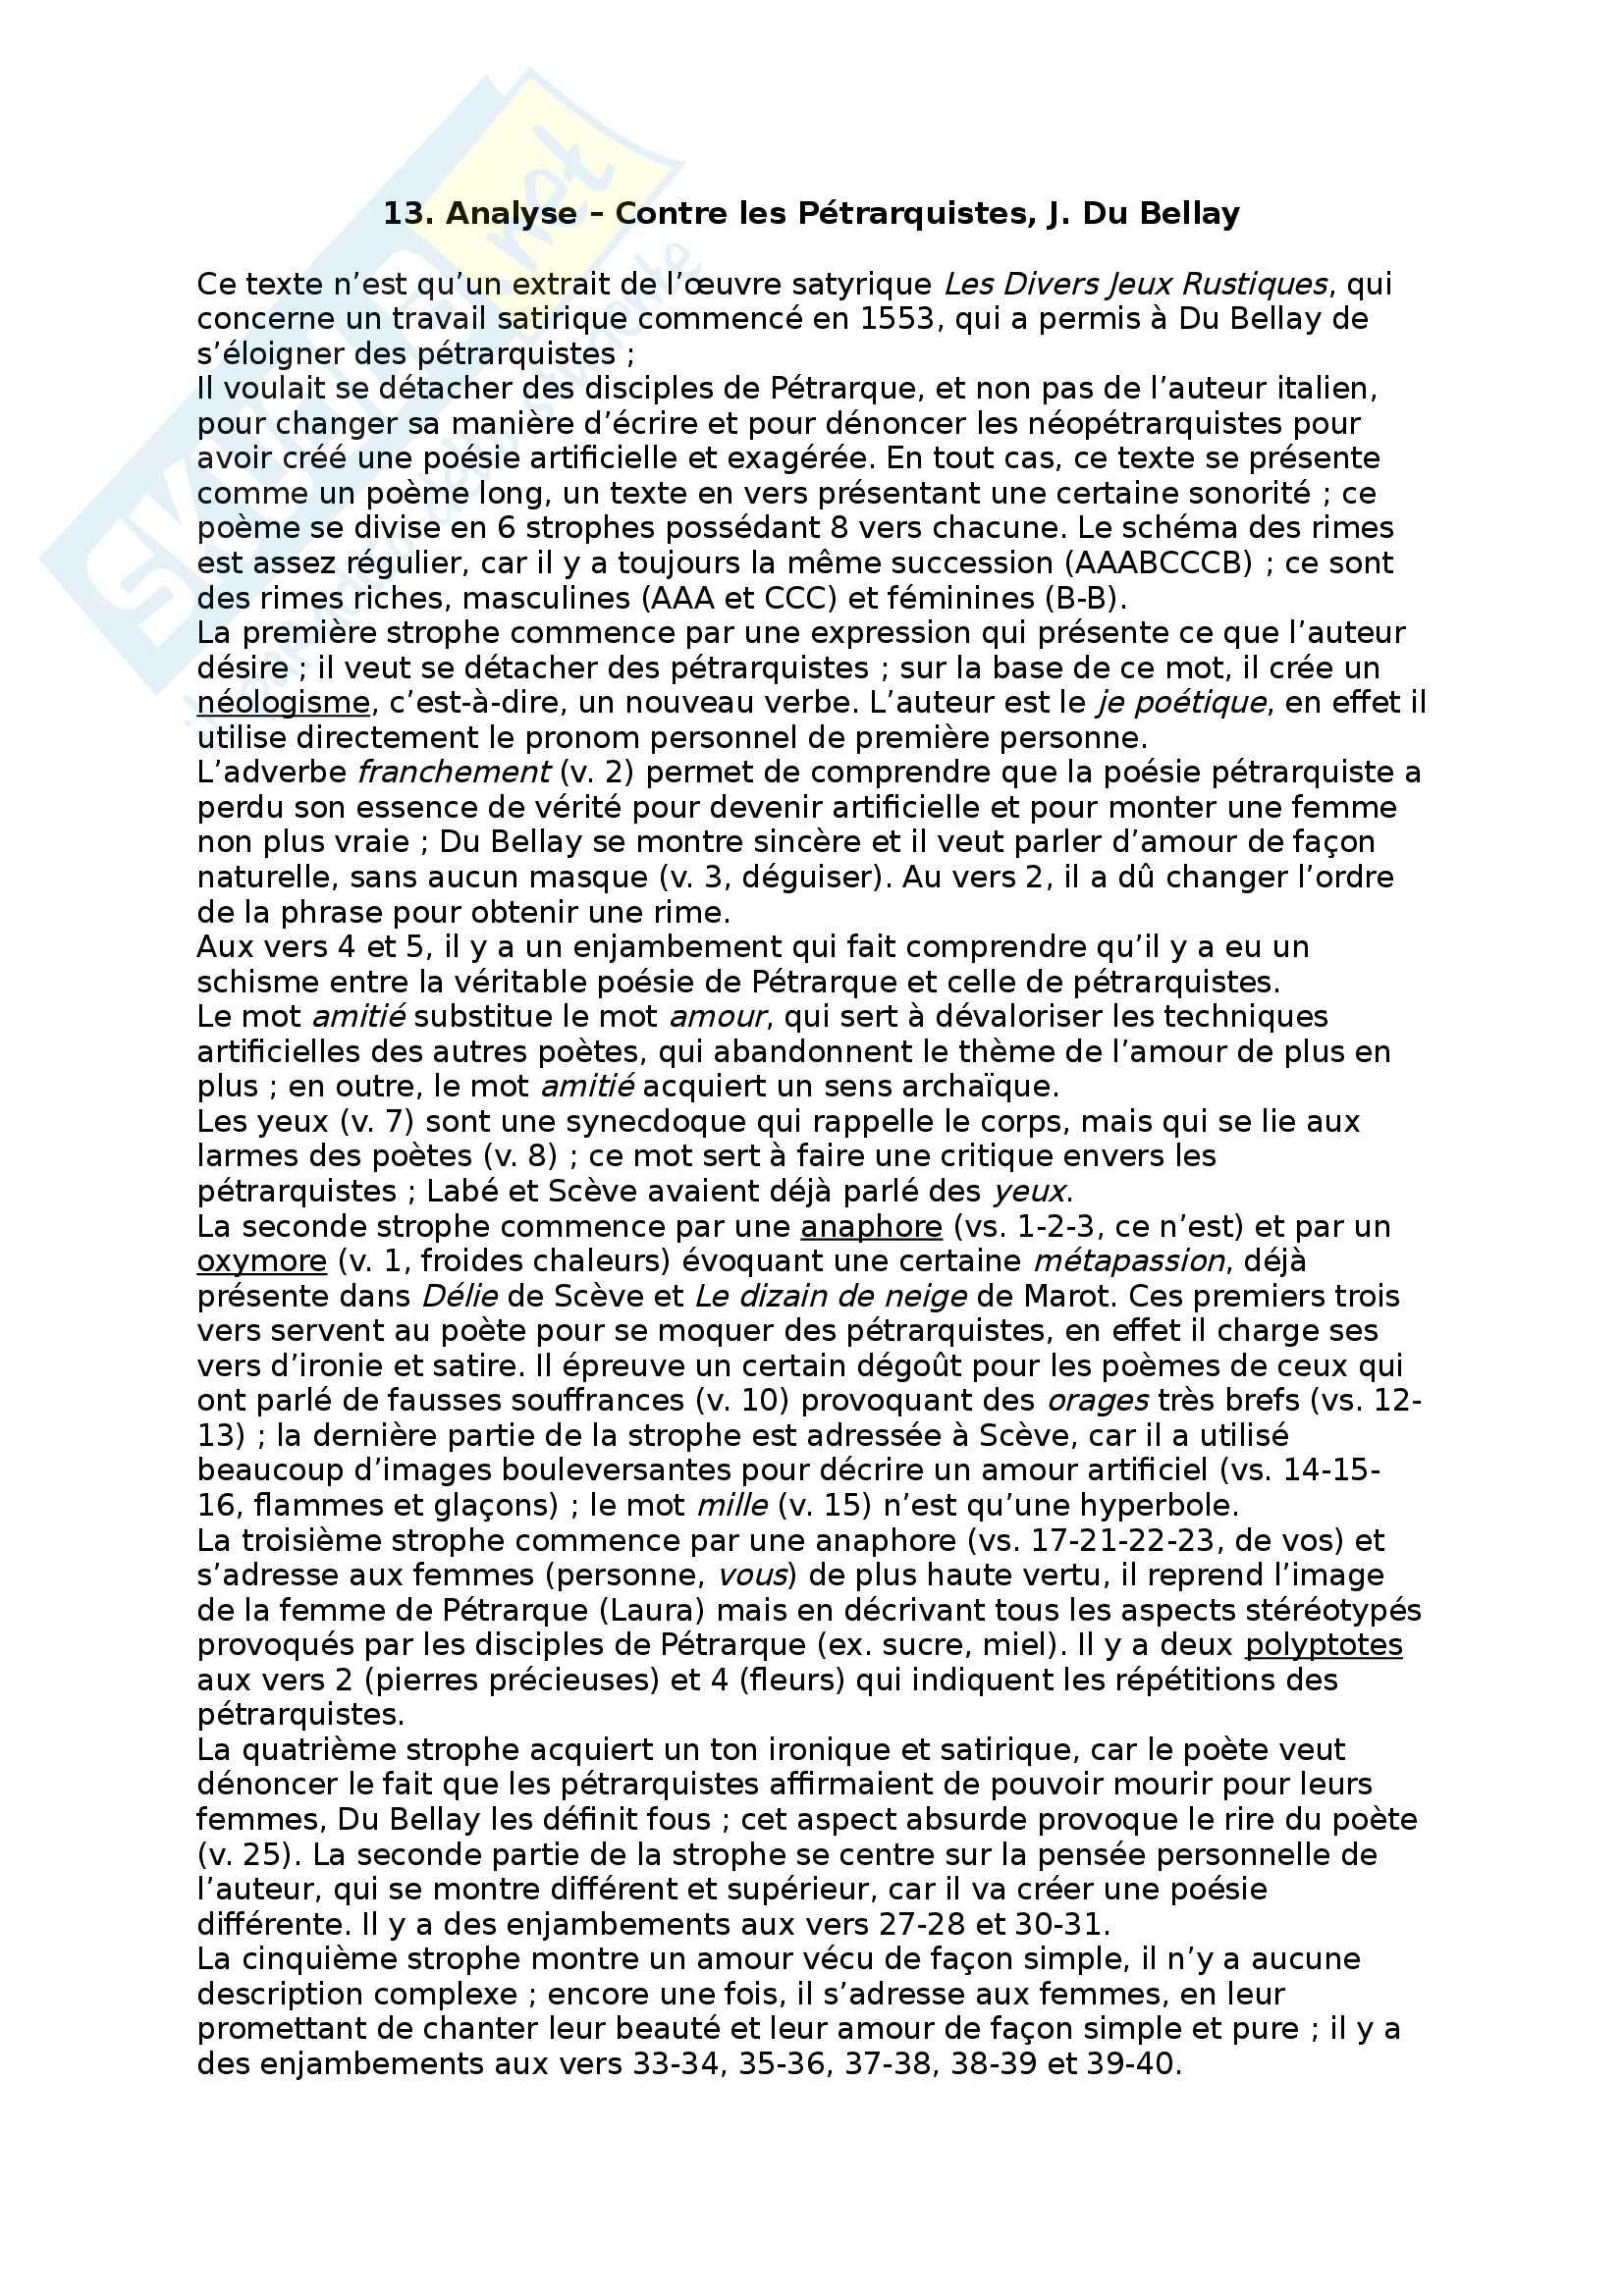 13. Analyse - Contre les Pétrarquistes, J. Du Bellay